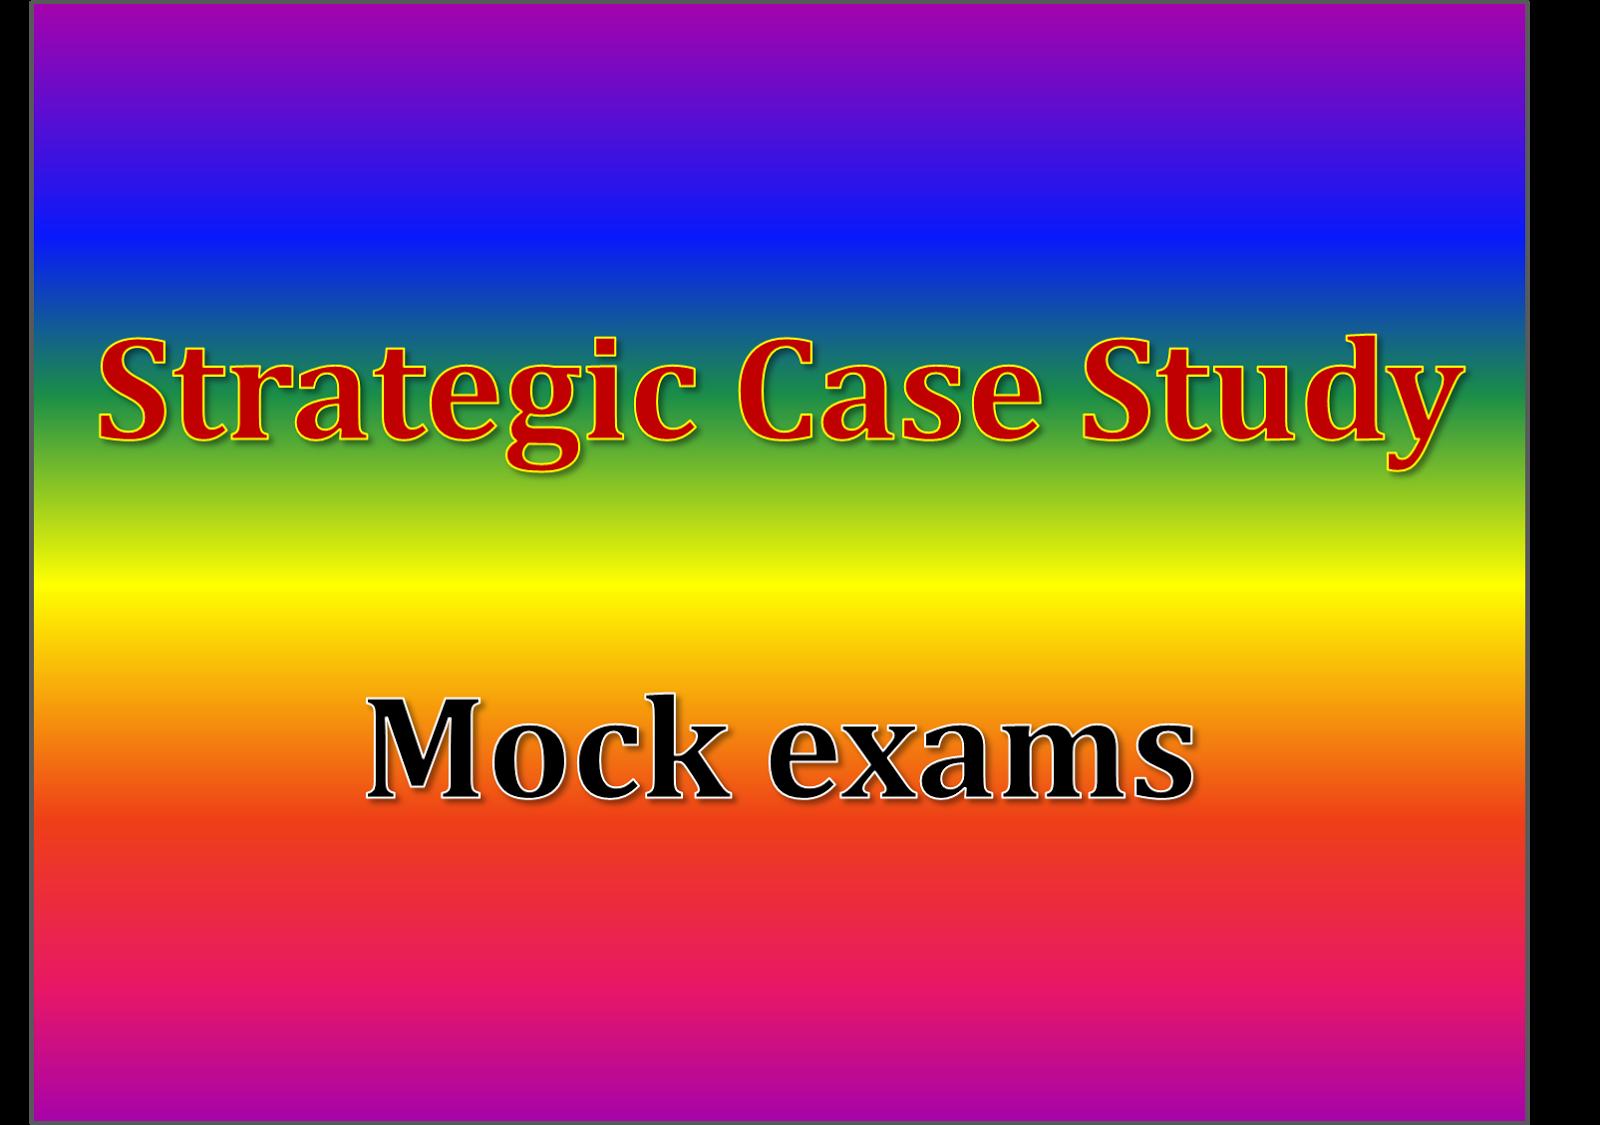 Strategic case study